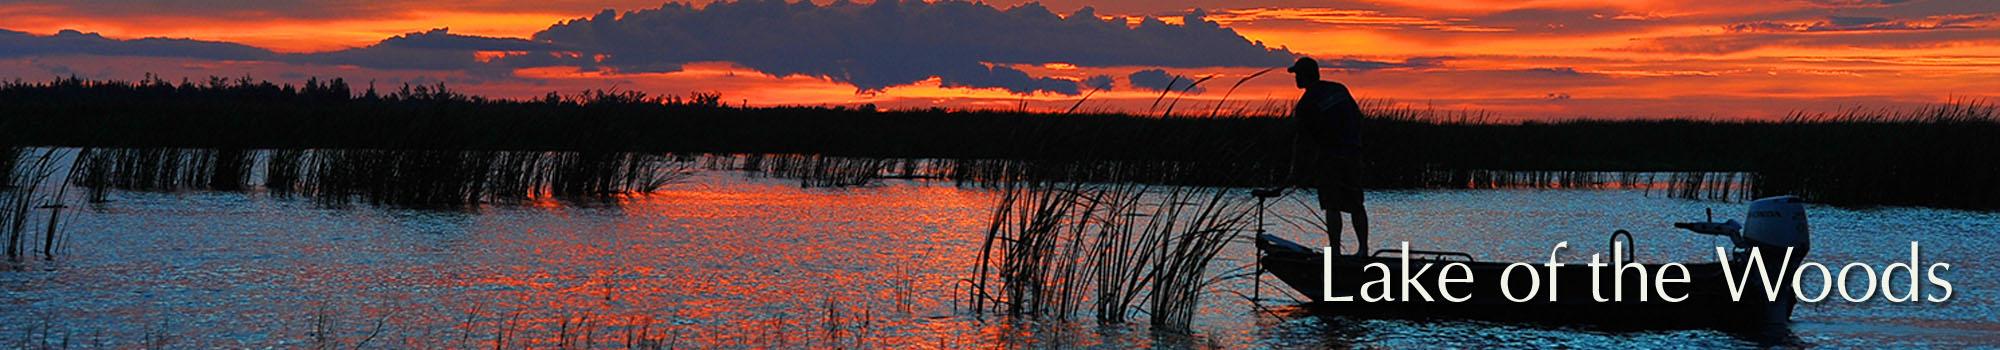 Minnesota Walleye Fishing Oak Island Resort